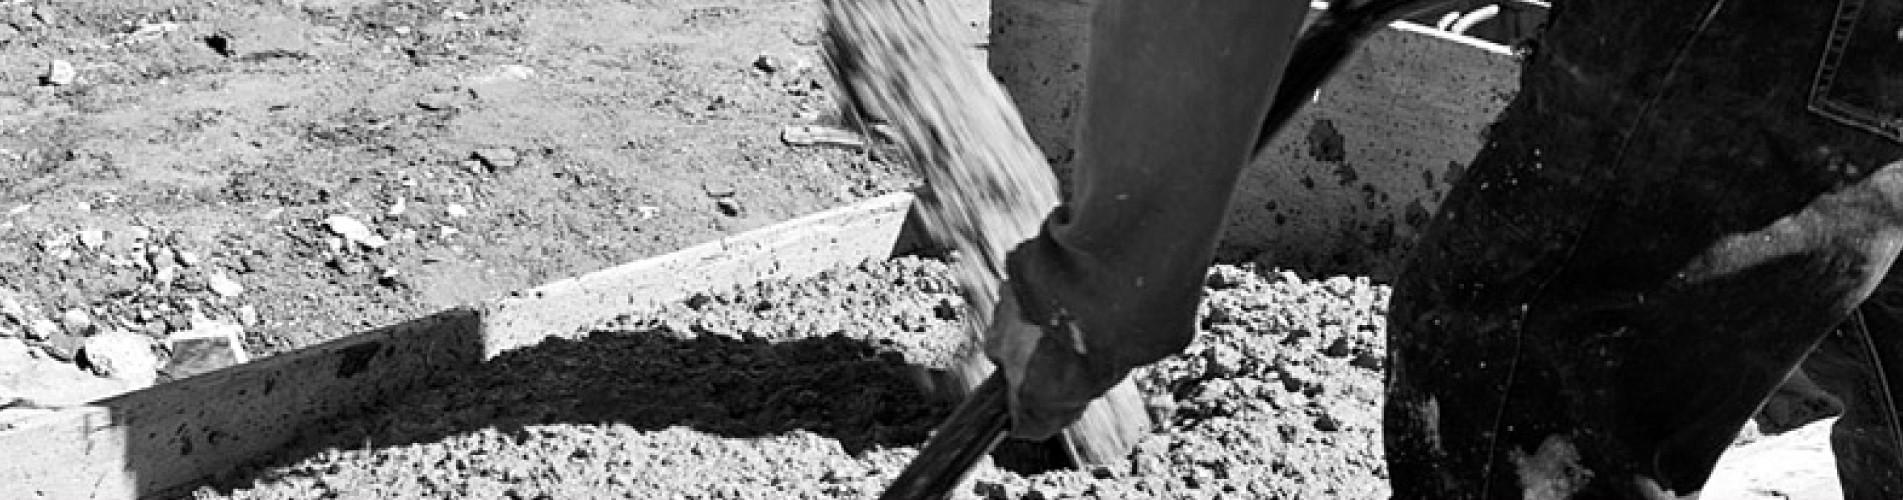 HVS Cementdekvloeren